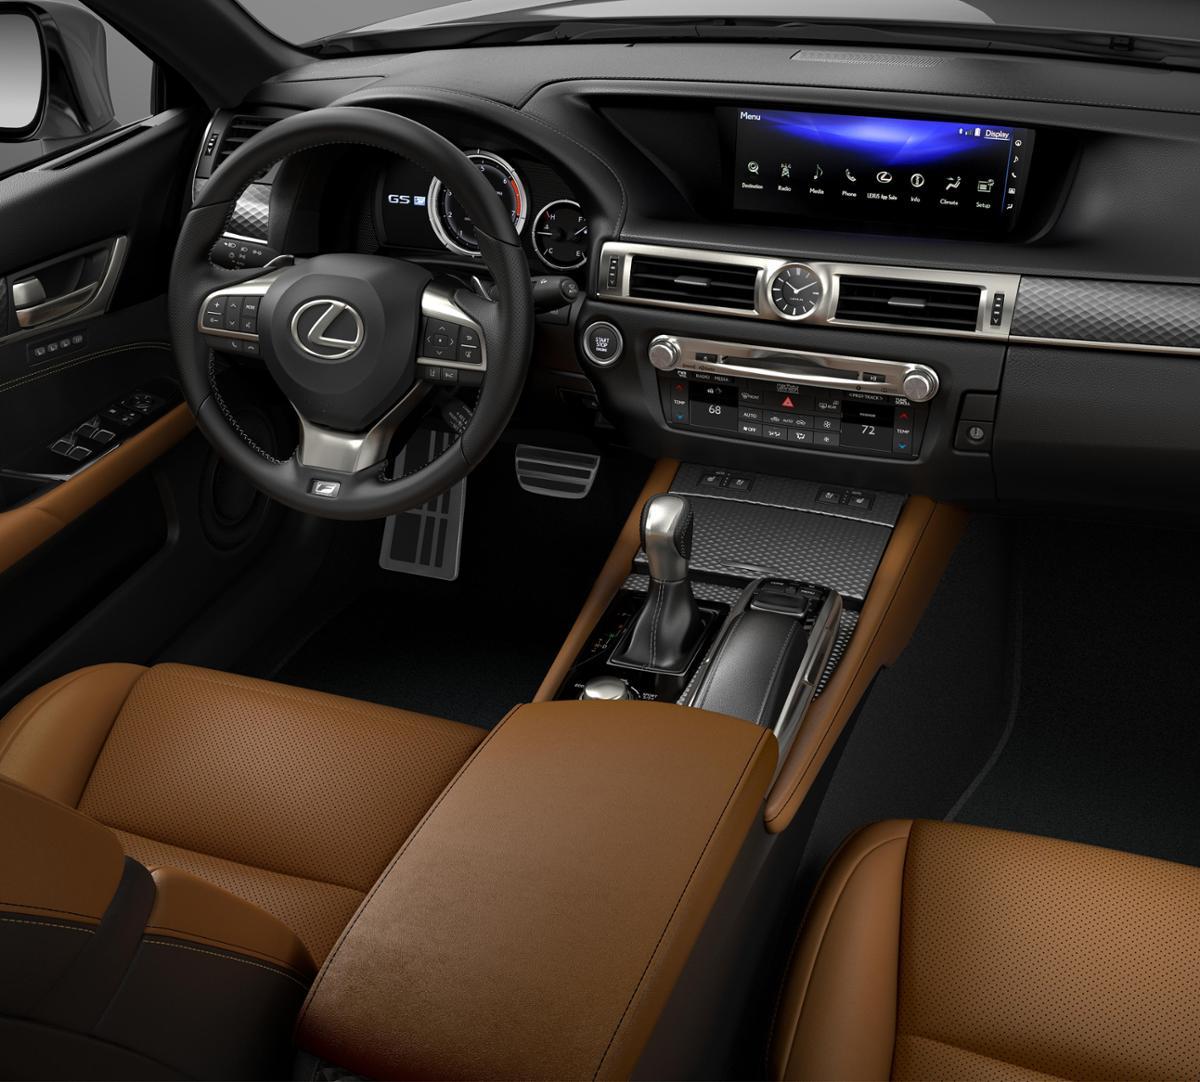 Lexus Gs For Sale: 2018 Lexus GS 350 For Sale Near St. Petersburg At Lexus Of